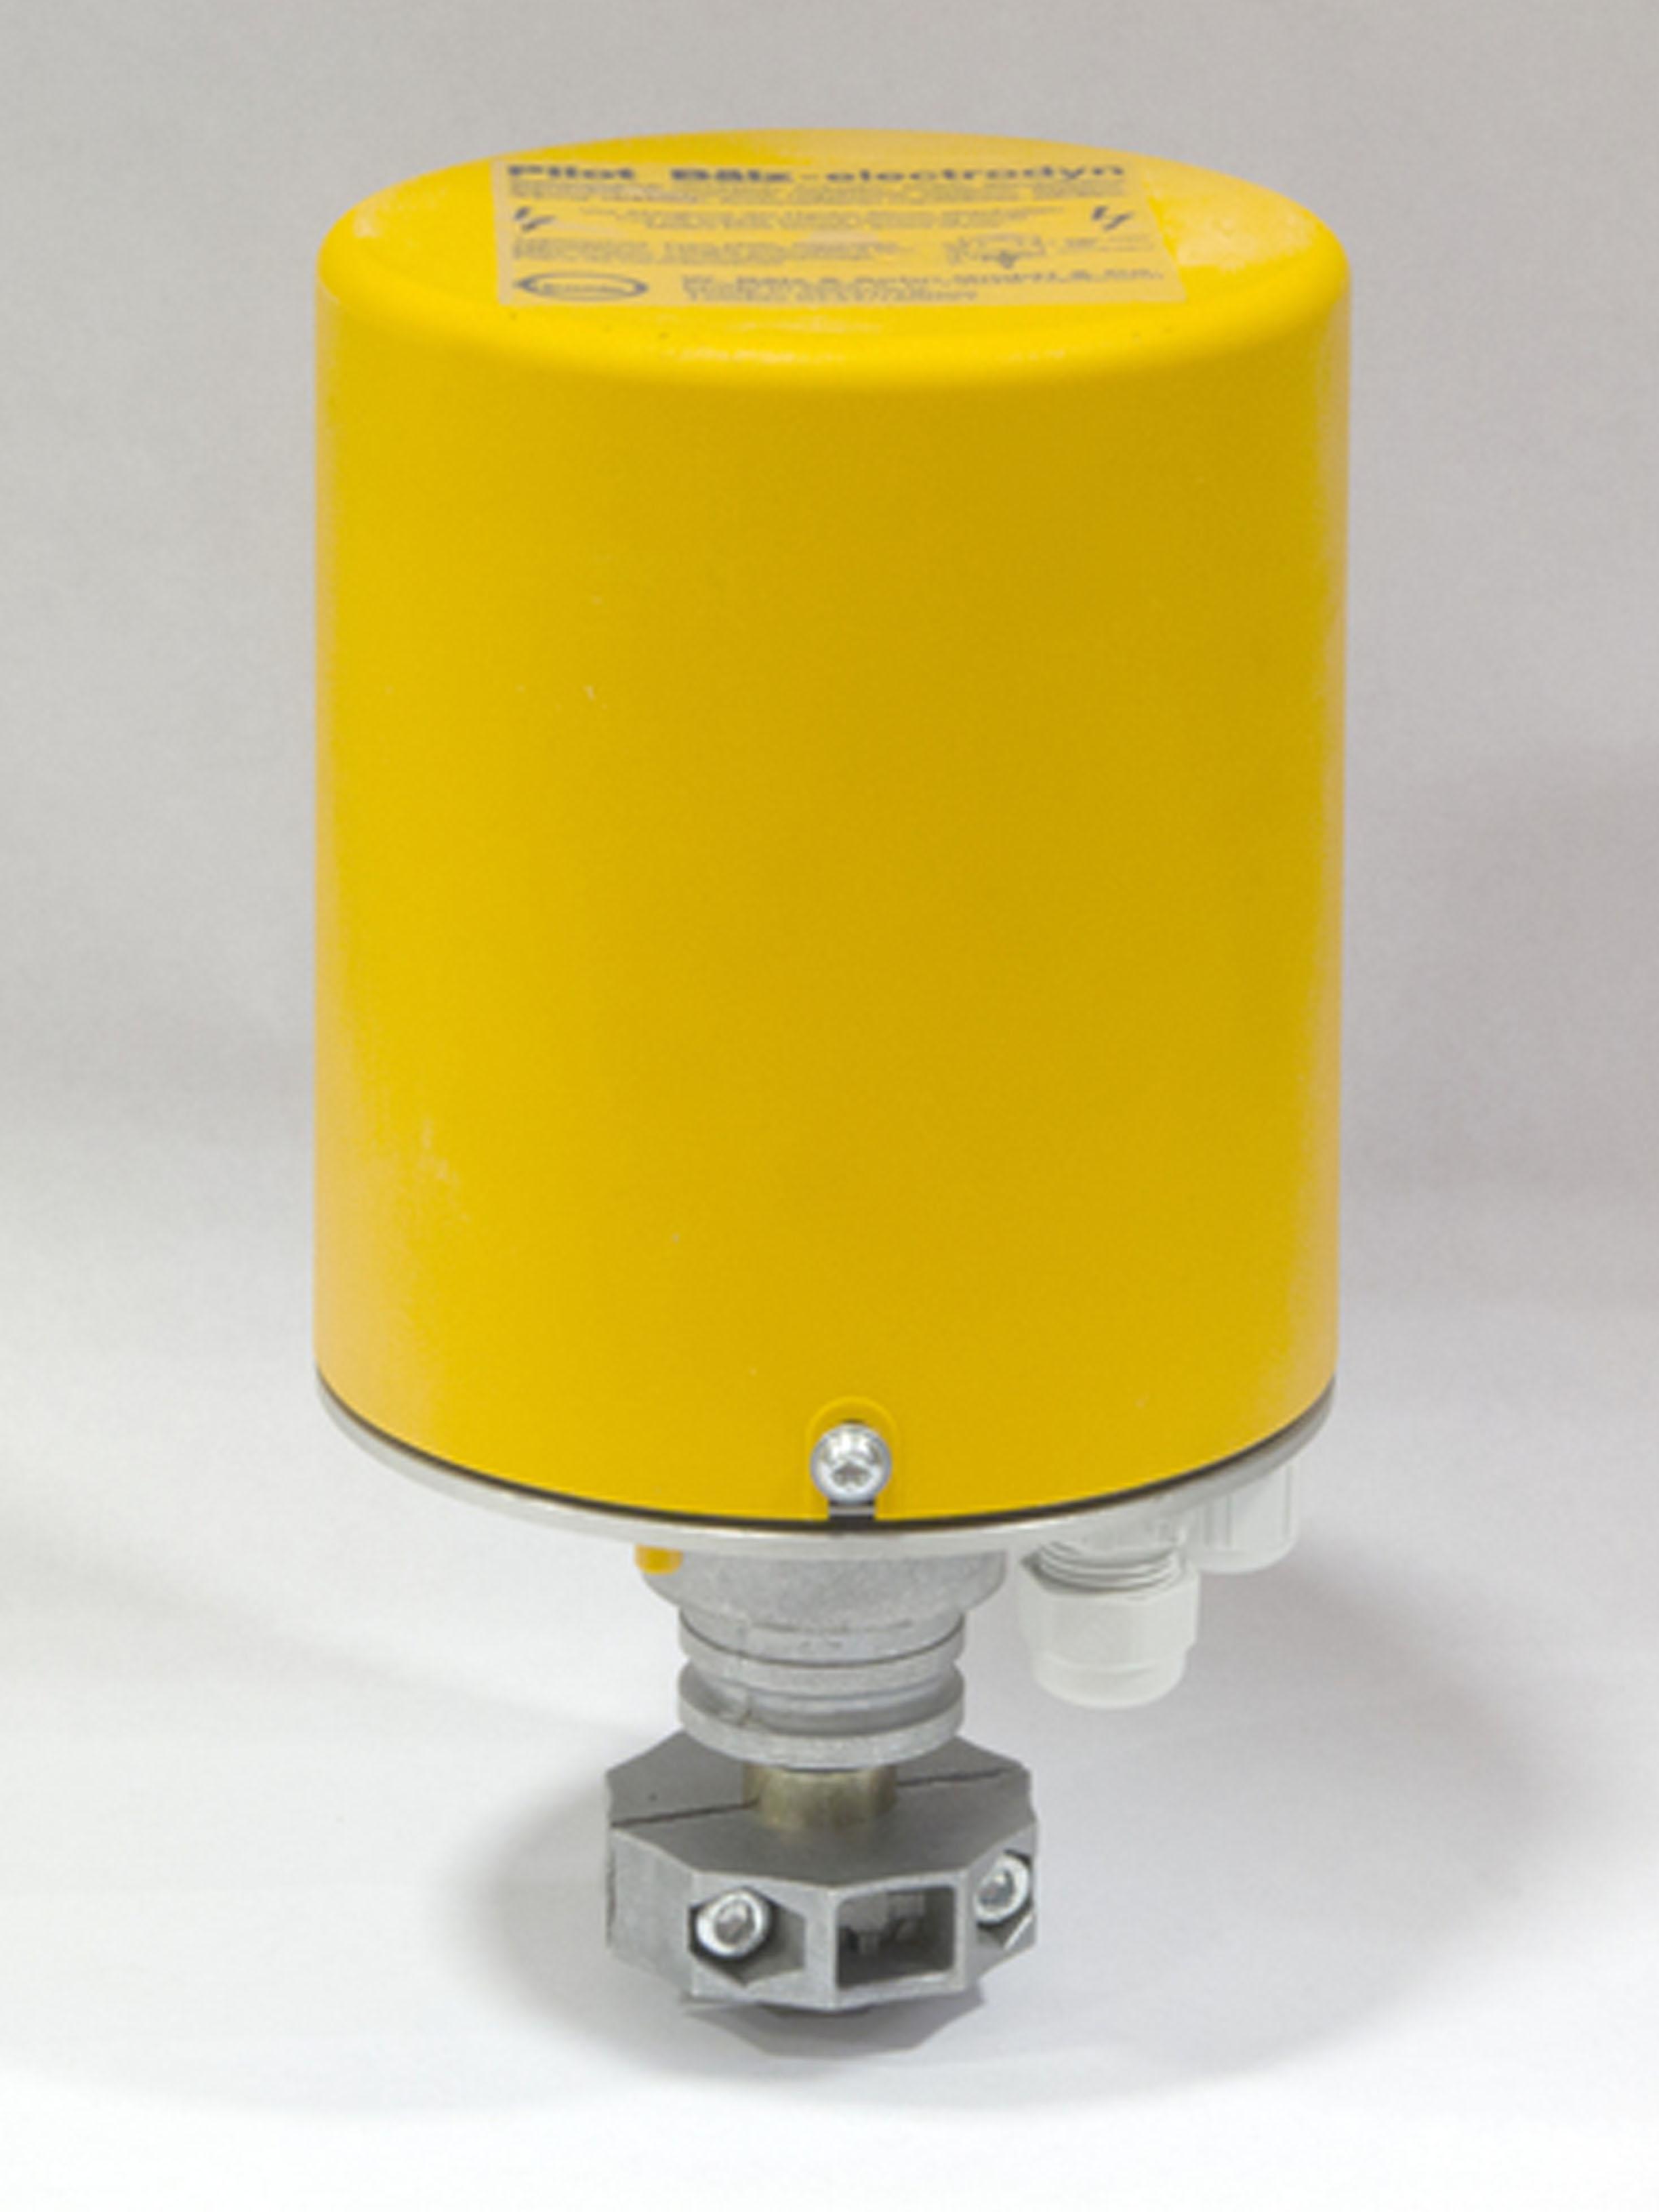 Đầu van điều khiển điện baelz 373-e07